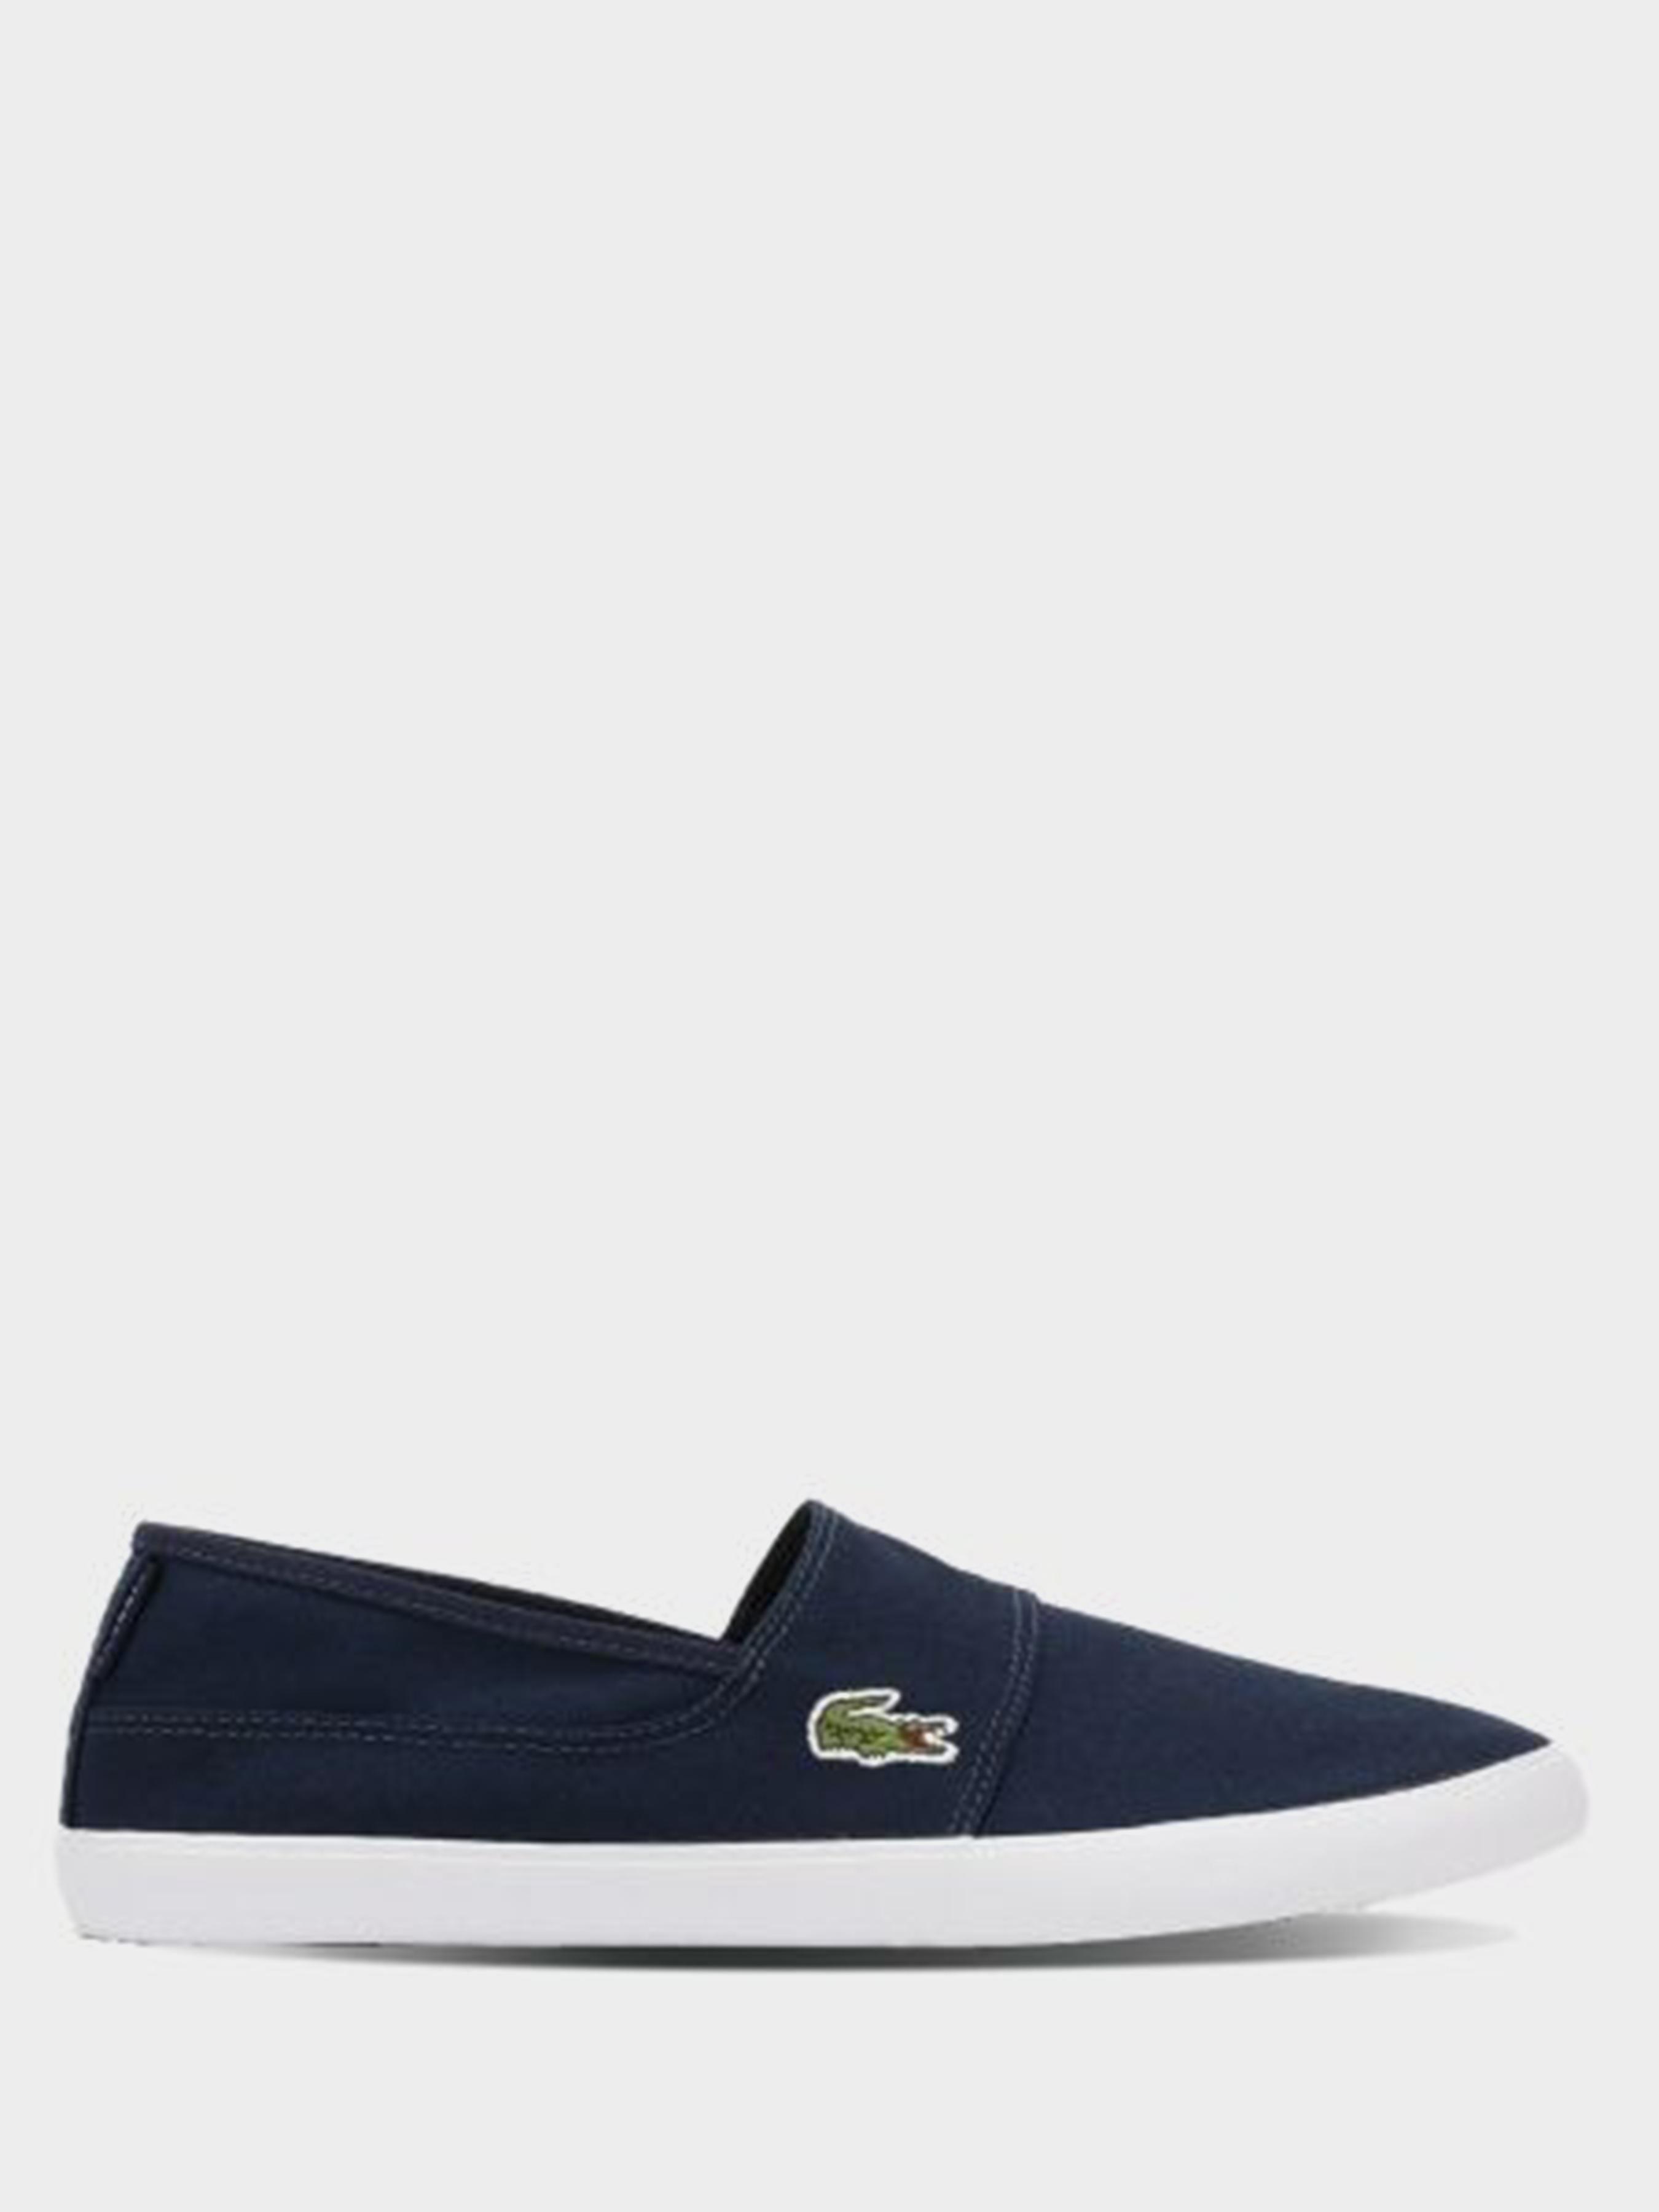 Cлипоны для мужчин Lacoste LK141 брендовые, 2017